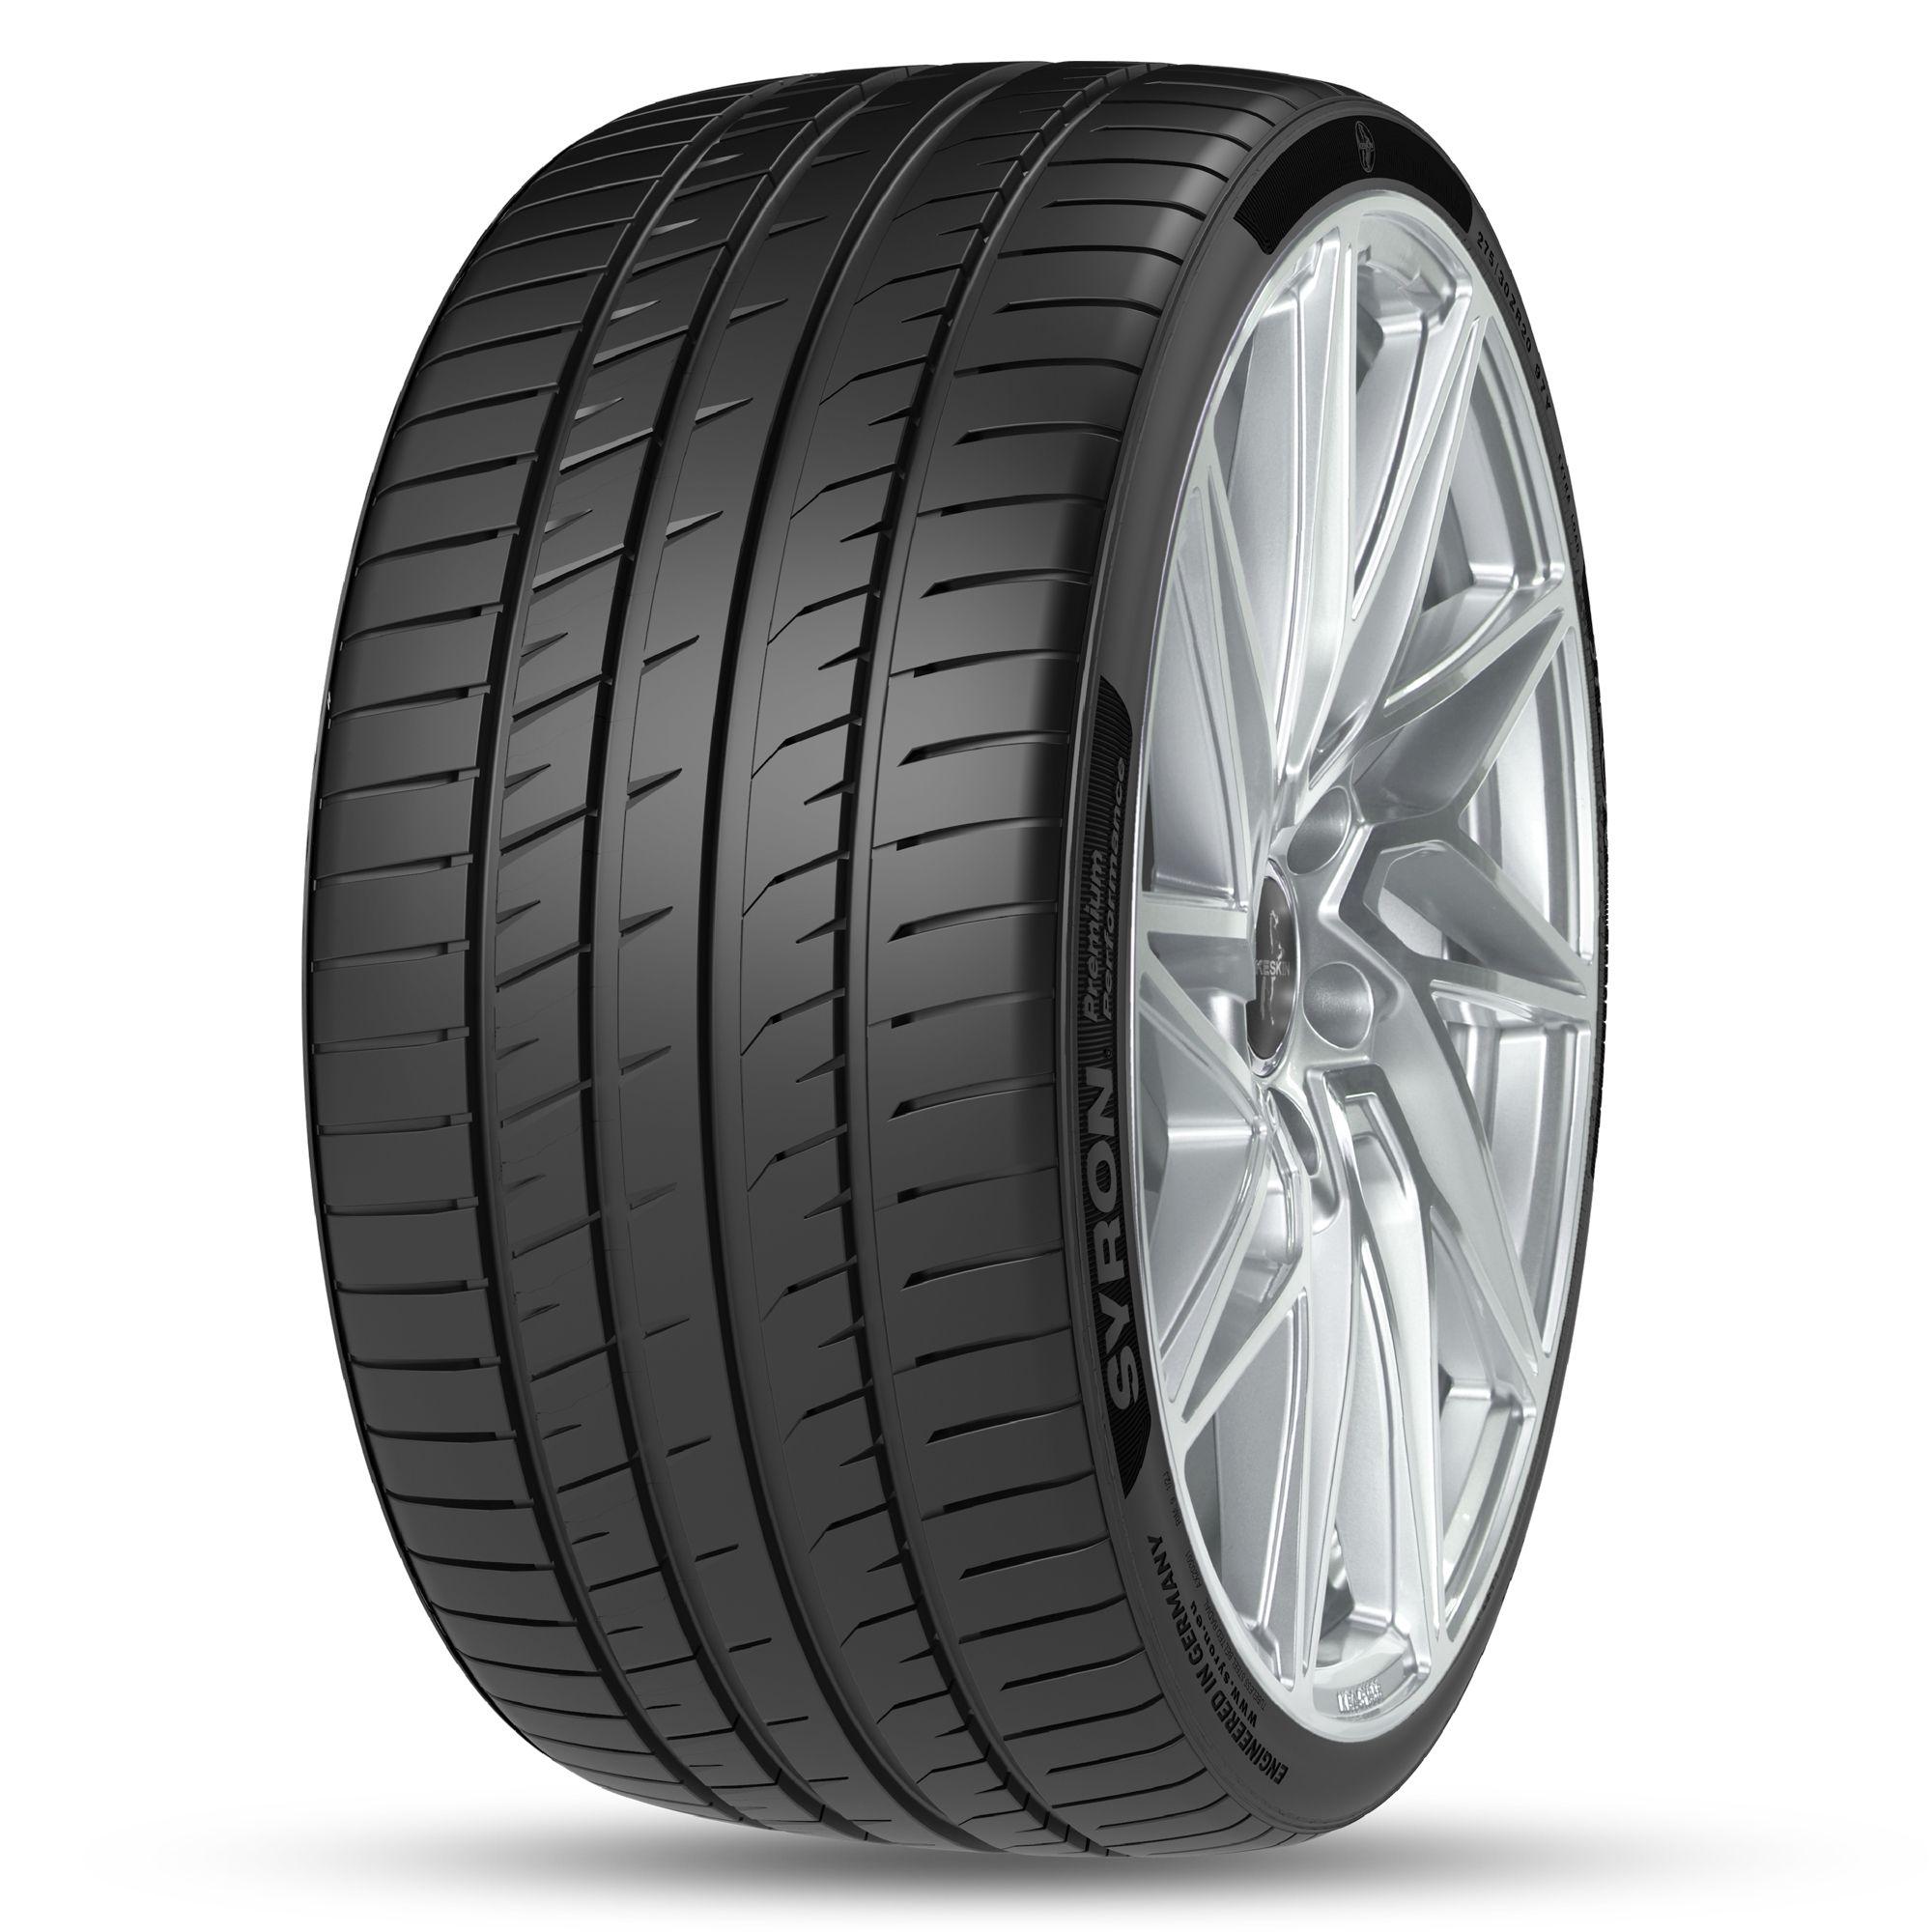 SYRON PREMIUM PERFORMANCE G2 225/45 R17 94Y, letní pneu, osobní a SUV